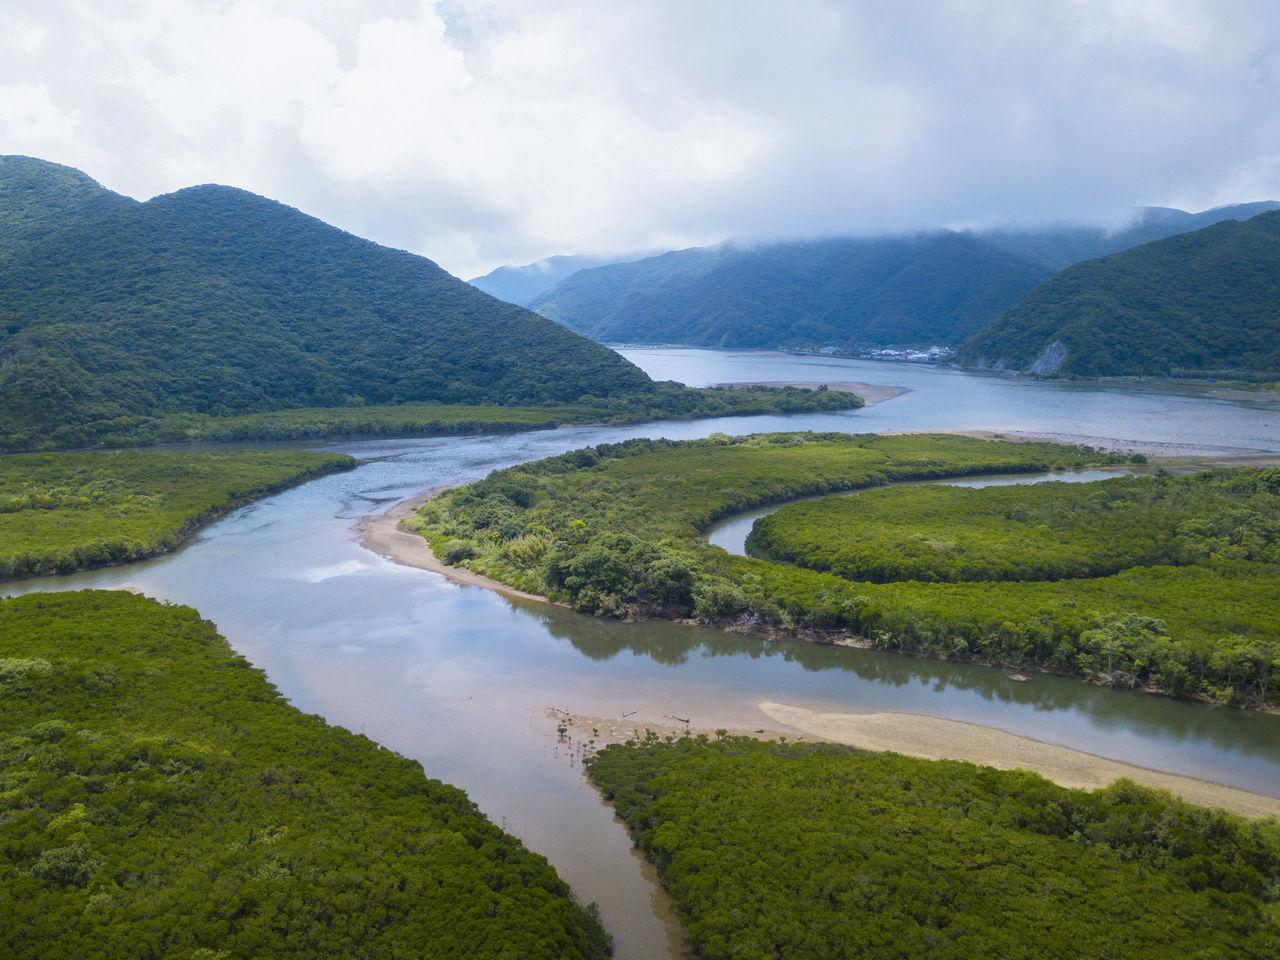 Реки змеятся сквозь нетронутые мангровые чащи